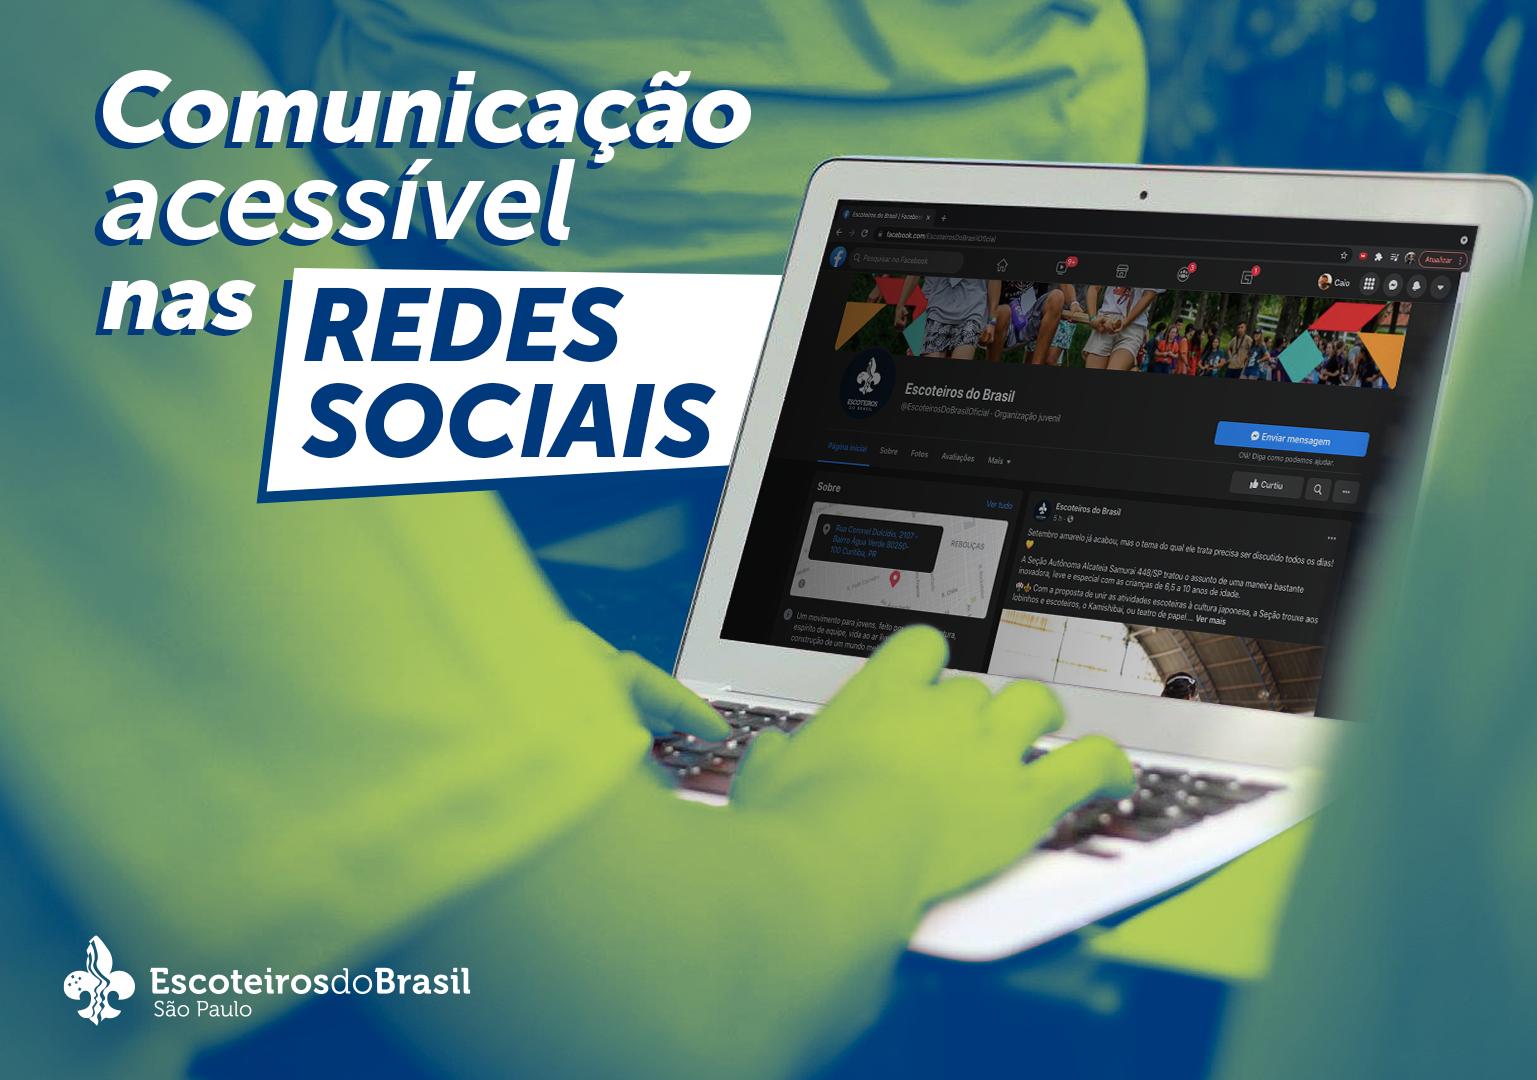 Comunicação Acessível nas redes sociais